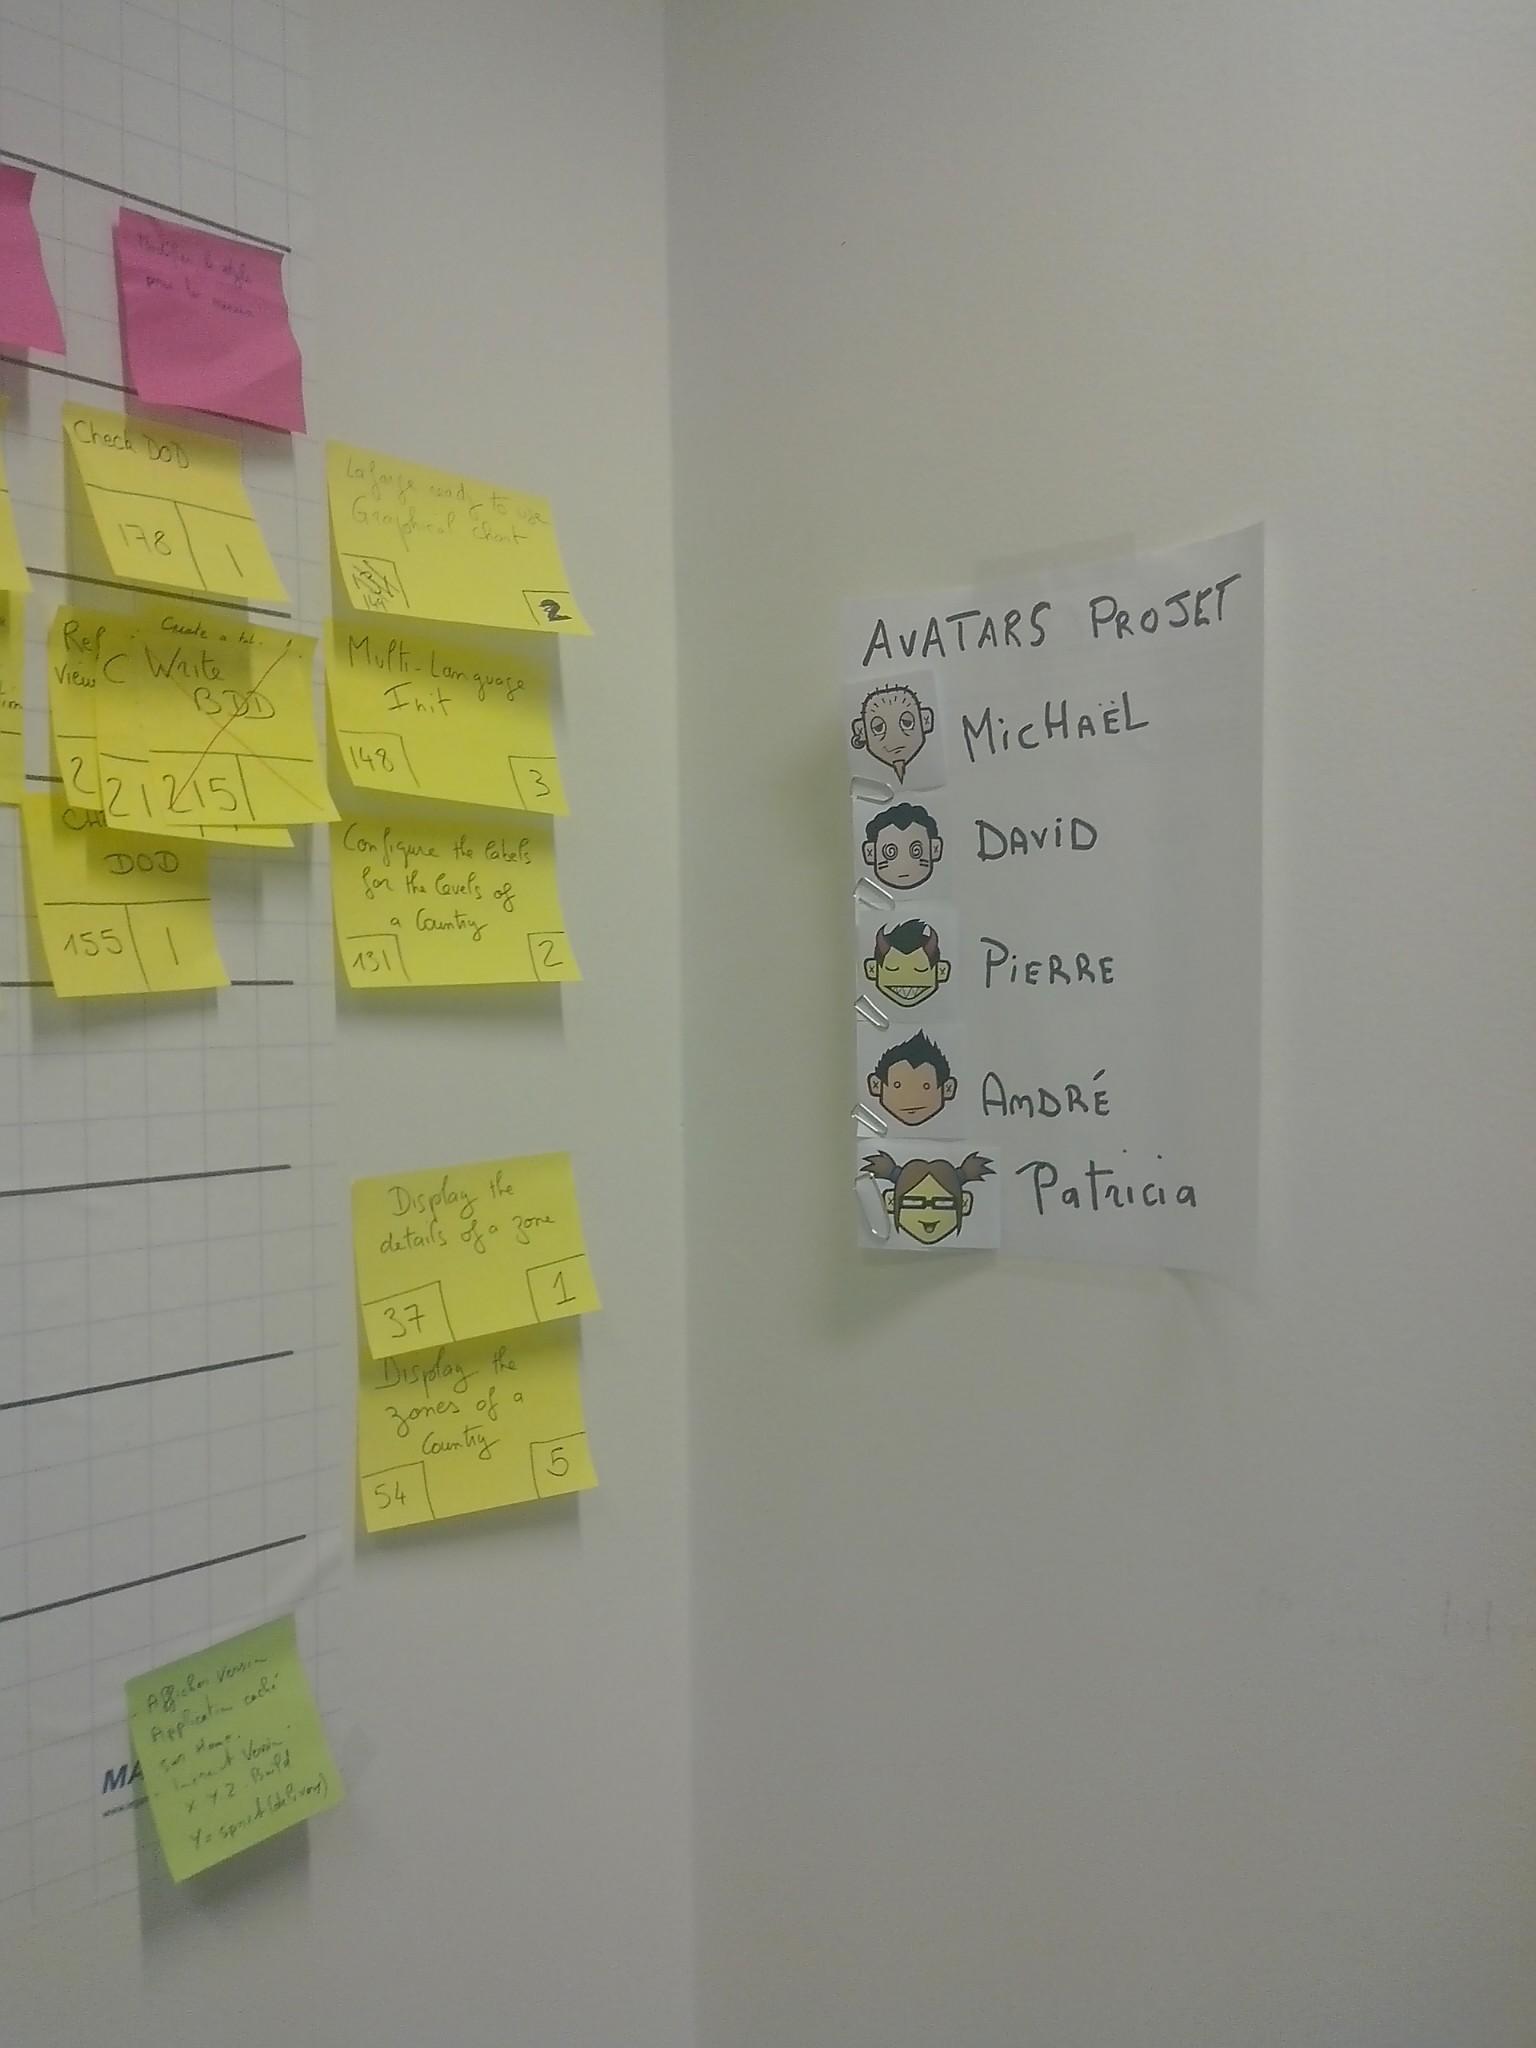 Avatars projet agile